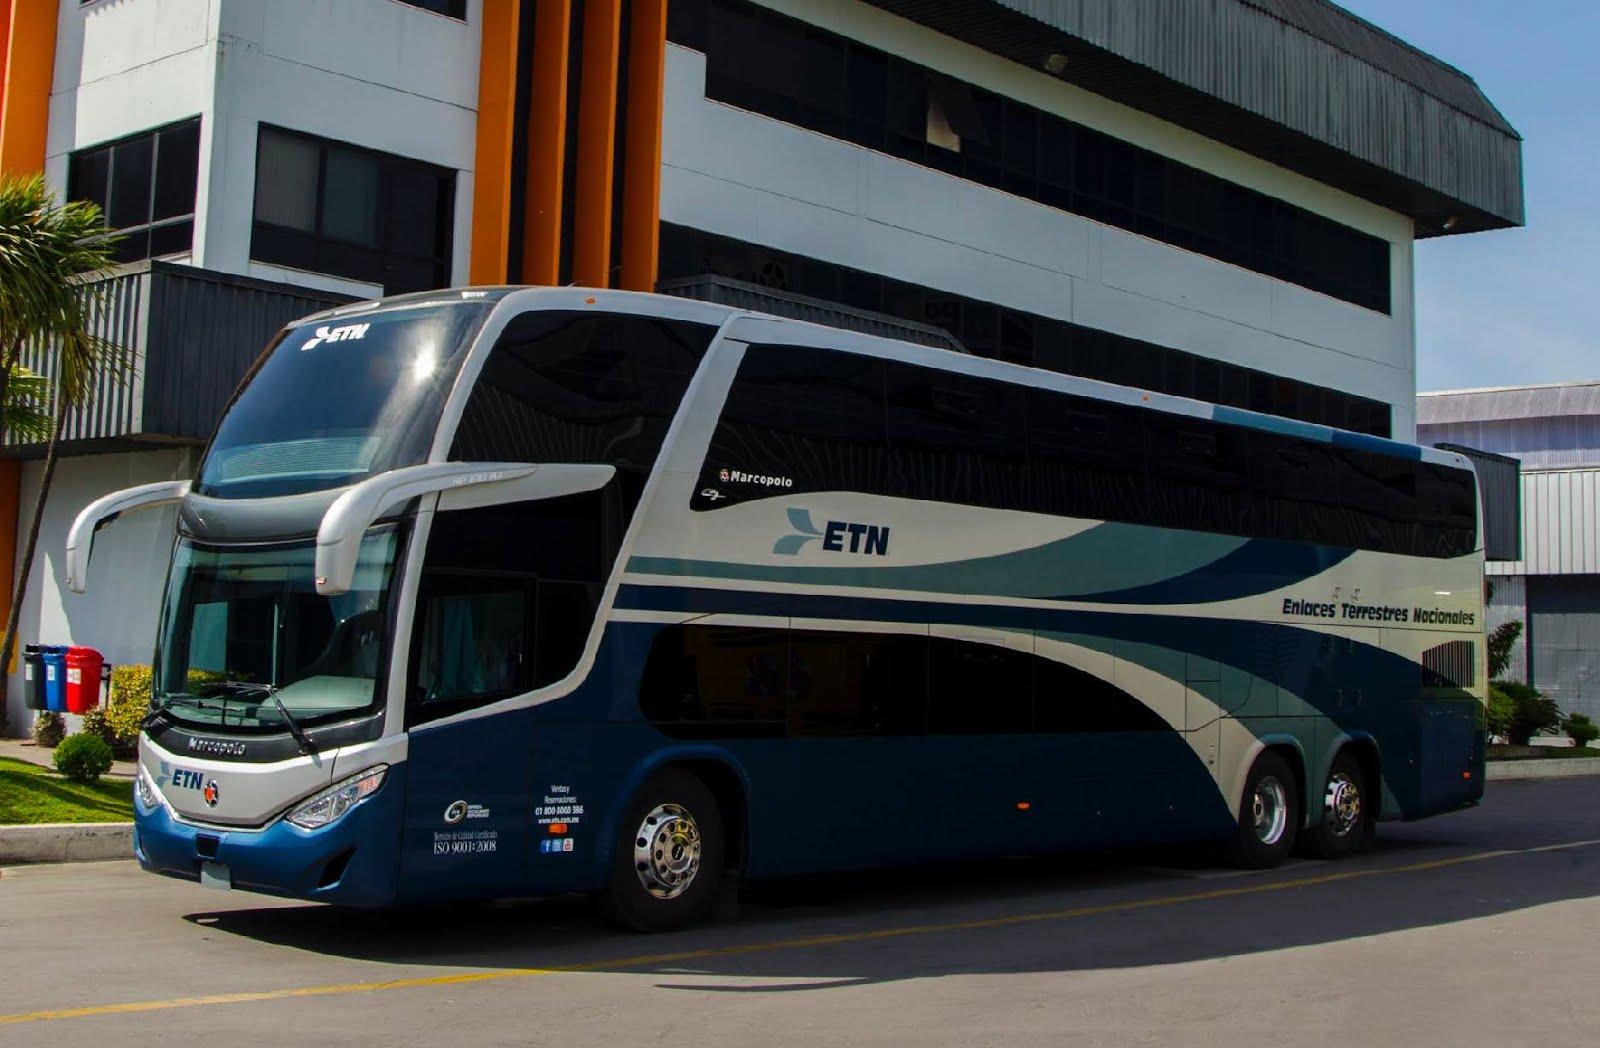 Gu a del viajero en m xico marcopolo desarrolla exclusivos autobuses de dos pisos para iamsa - Autobuses de dos pisos ...